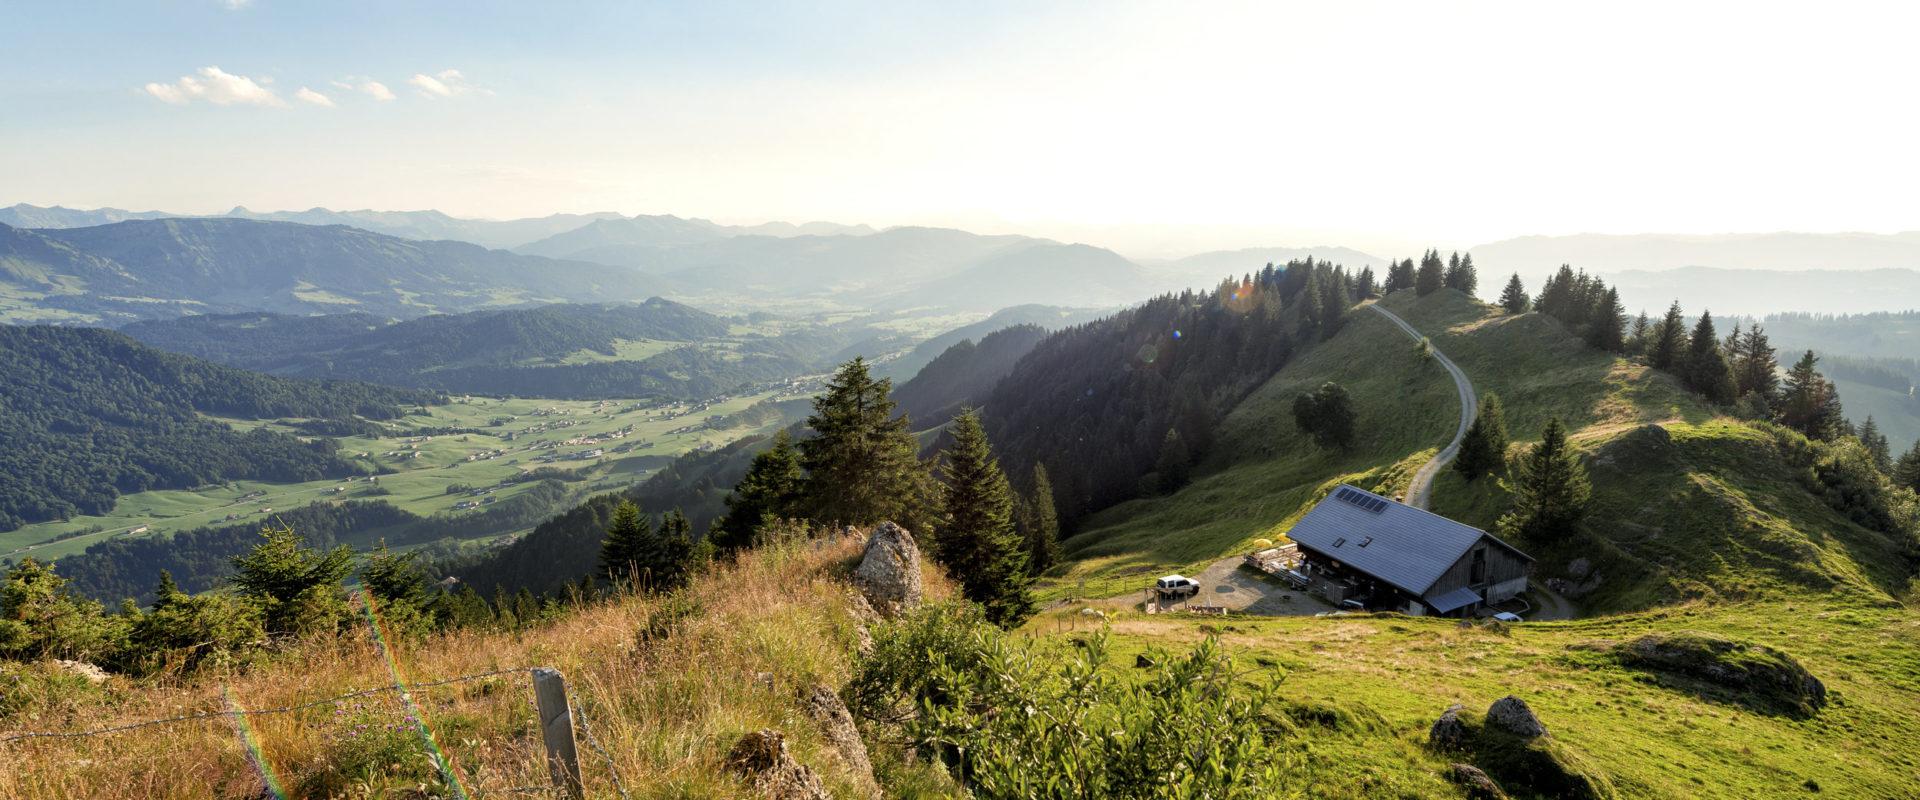 Wandern Hochhäderich © Johannes Fink undefined